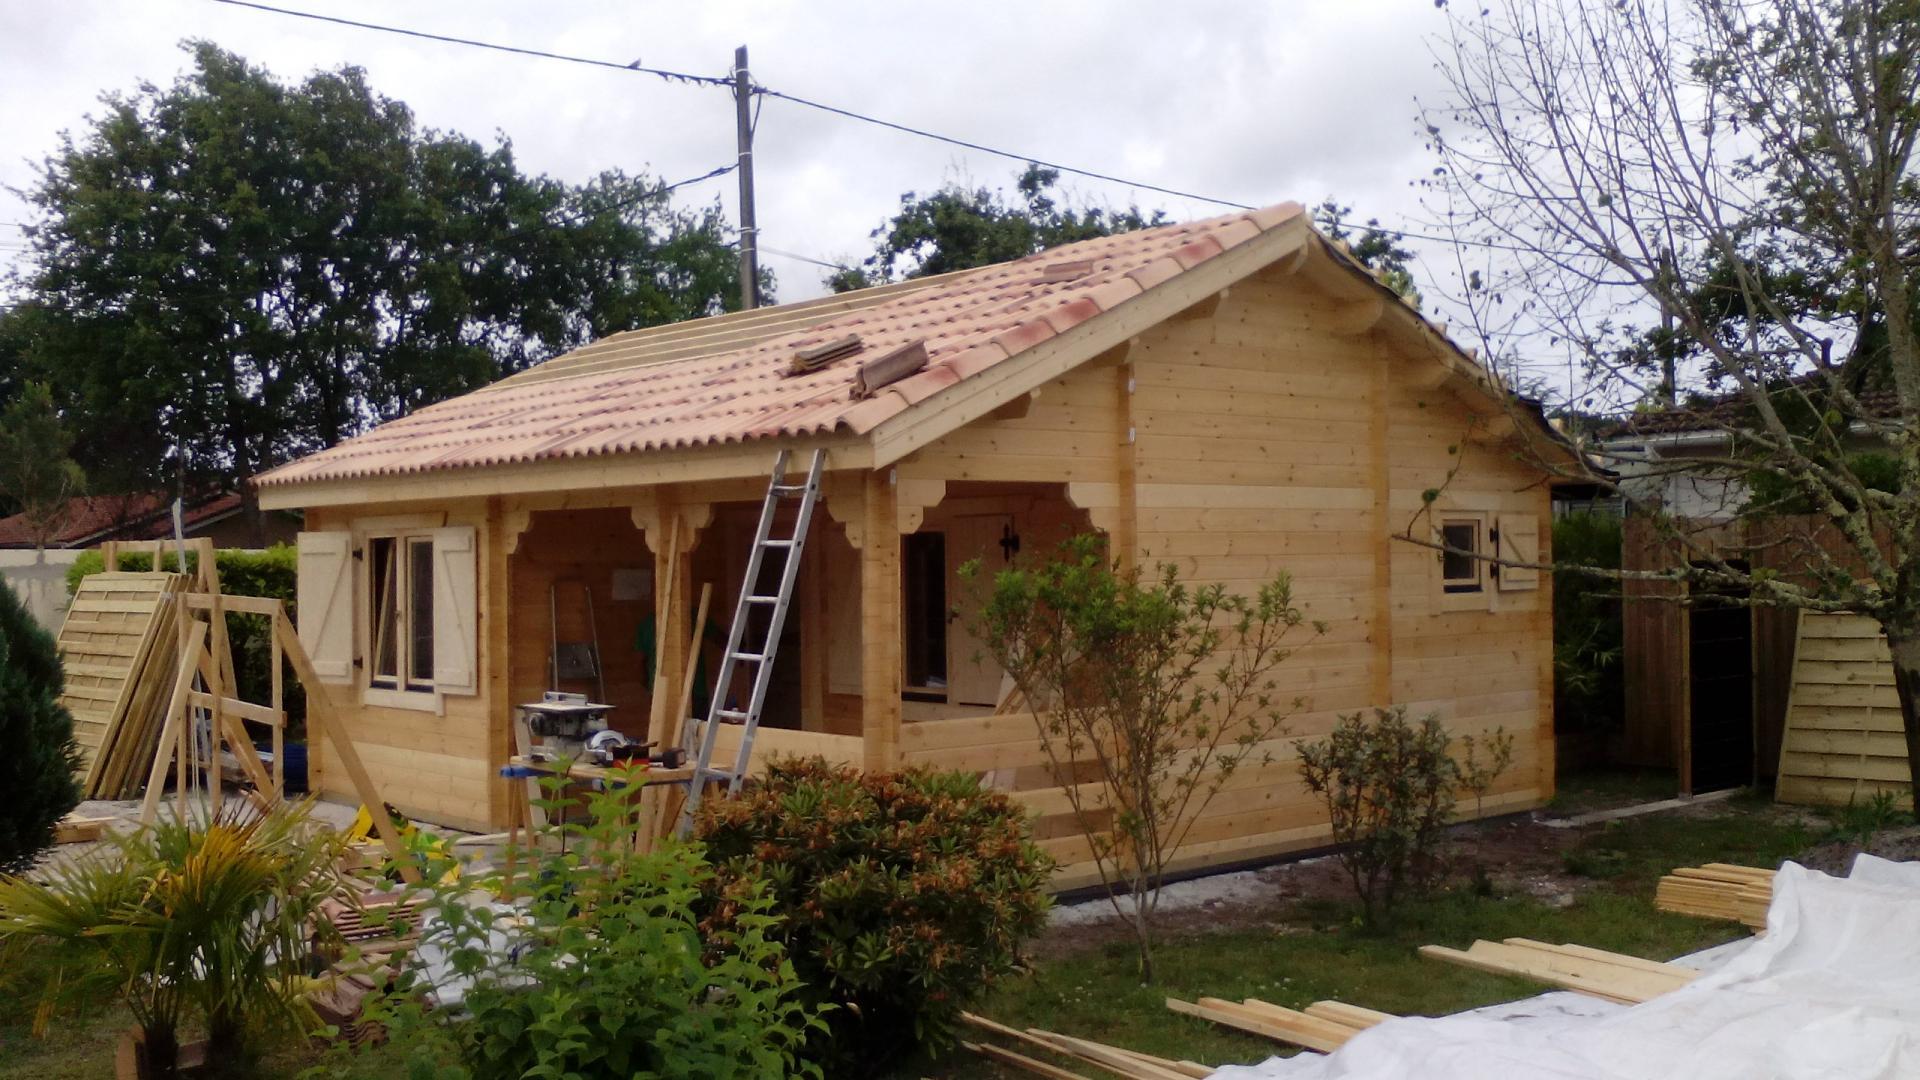 Fabricant Constructeur De Kits Chalets En Bois Habitables - Stmb tout Abri De Jardin Bois Occasion